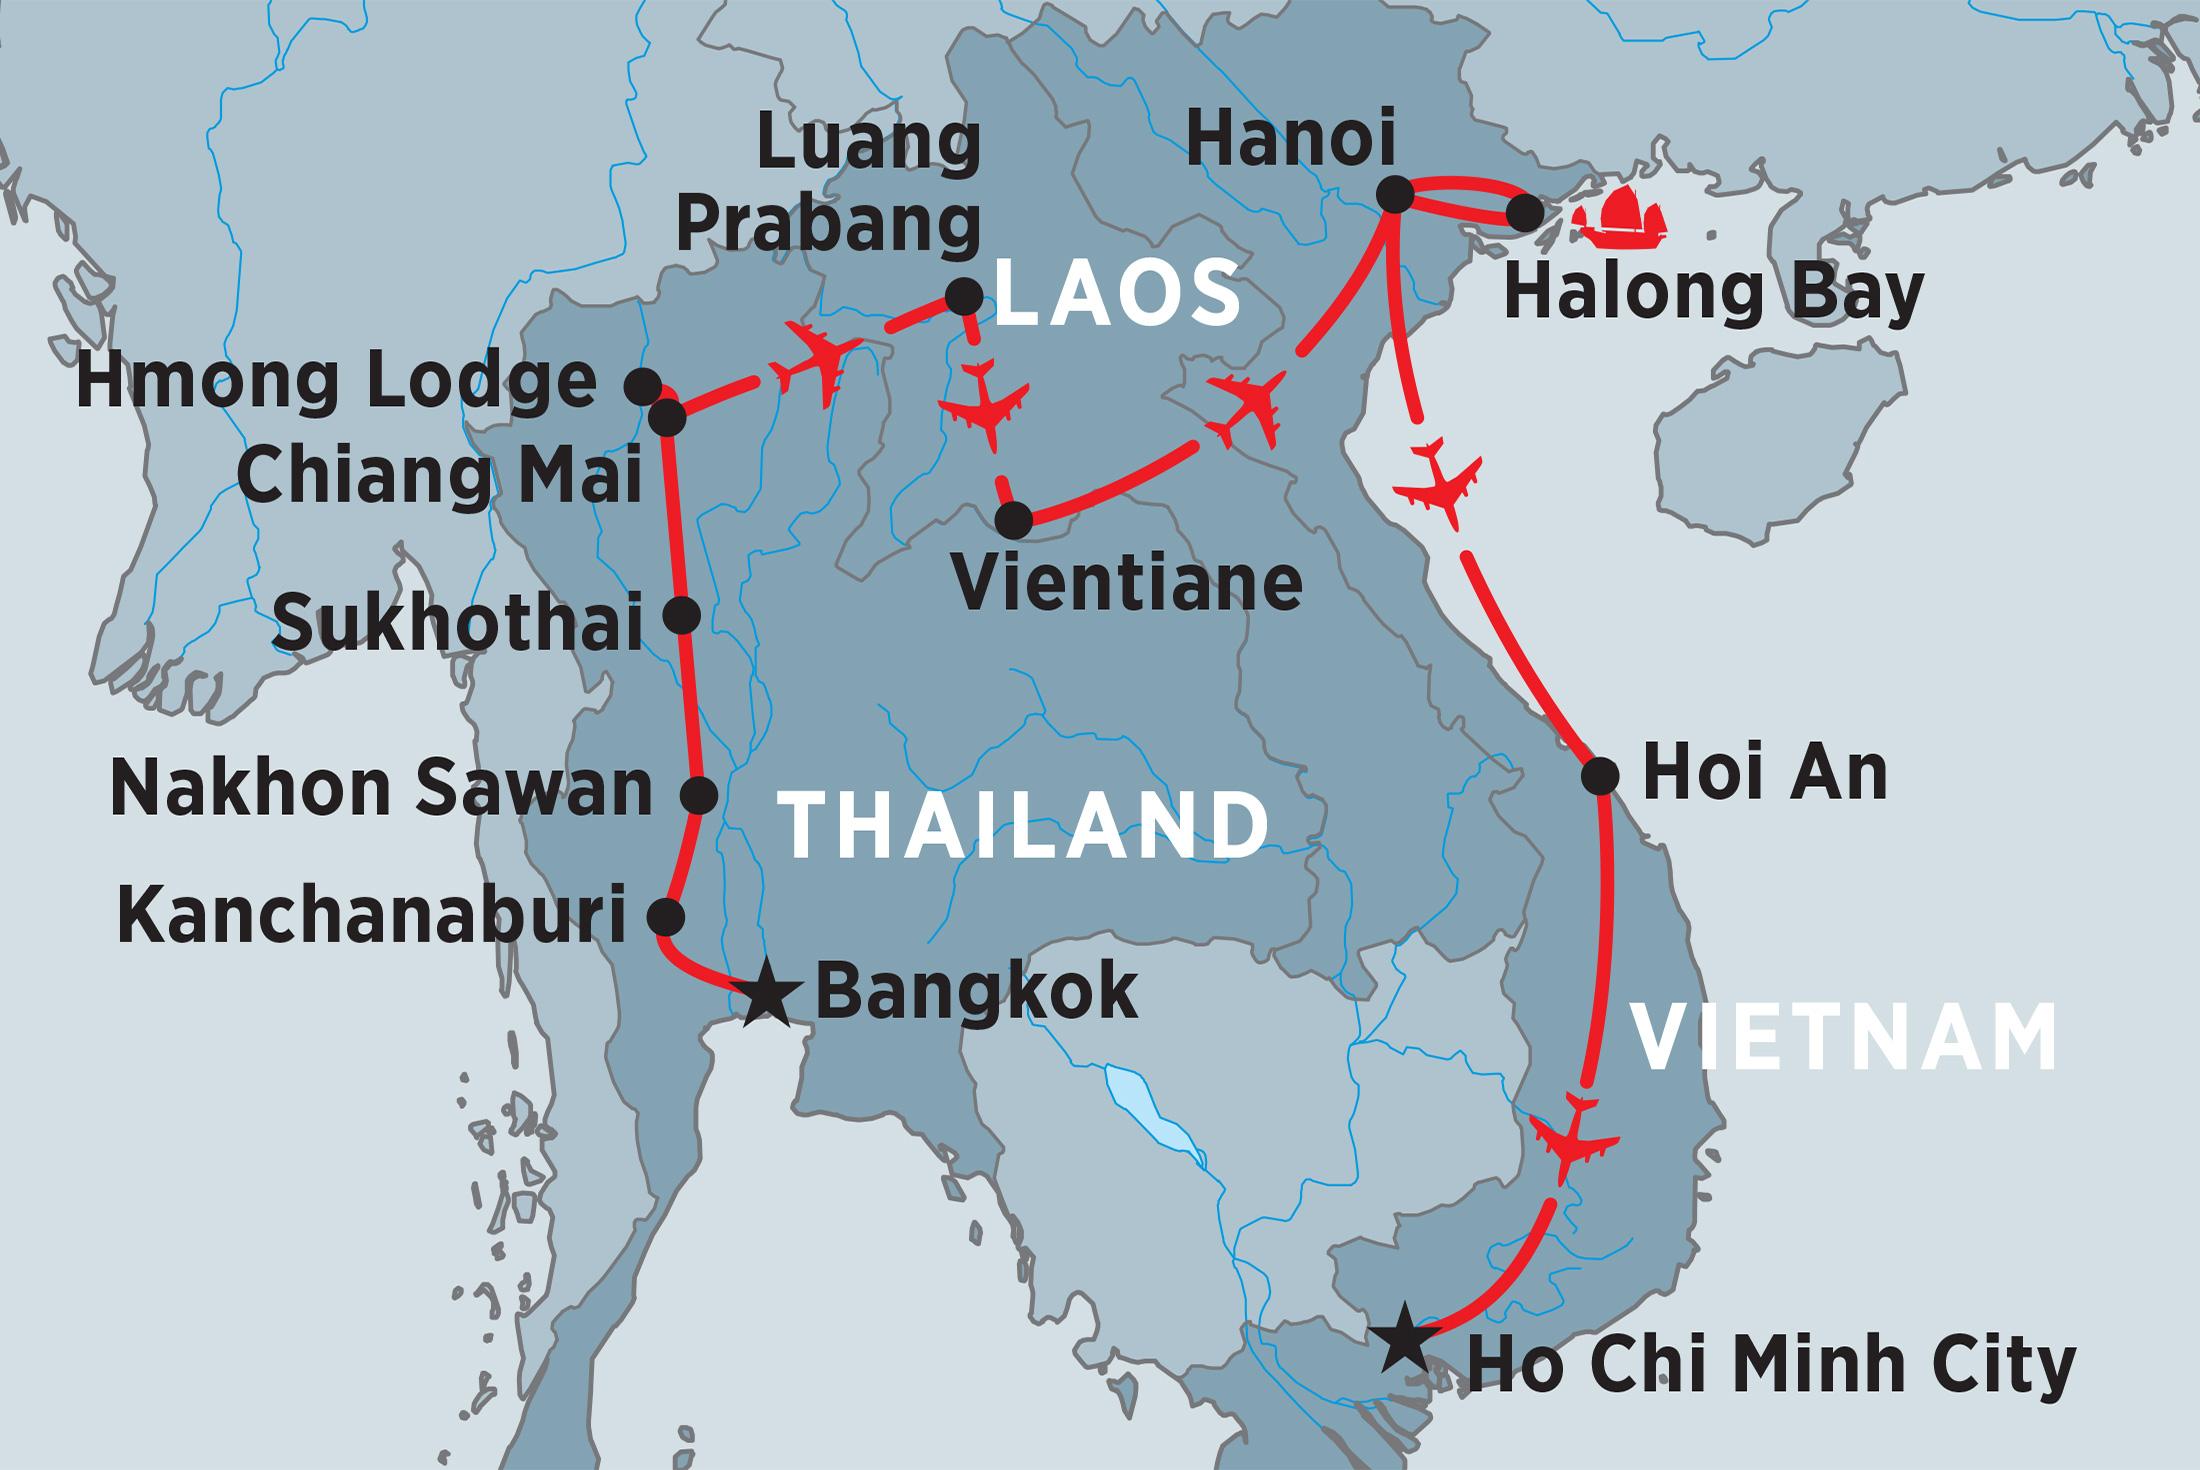 Premium Thailand Tours & Trips 2017/18 - Peregrine Adventures AU